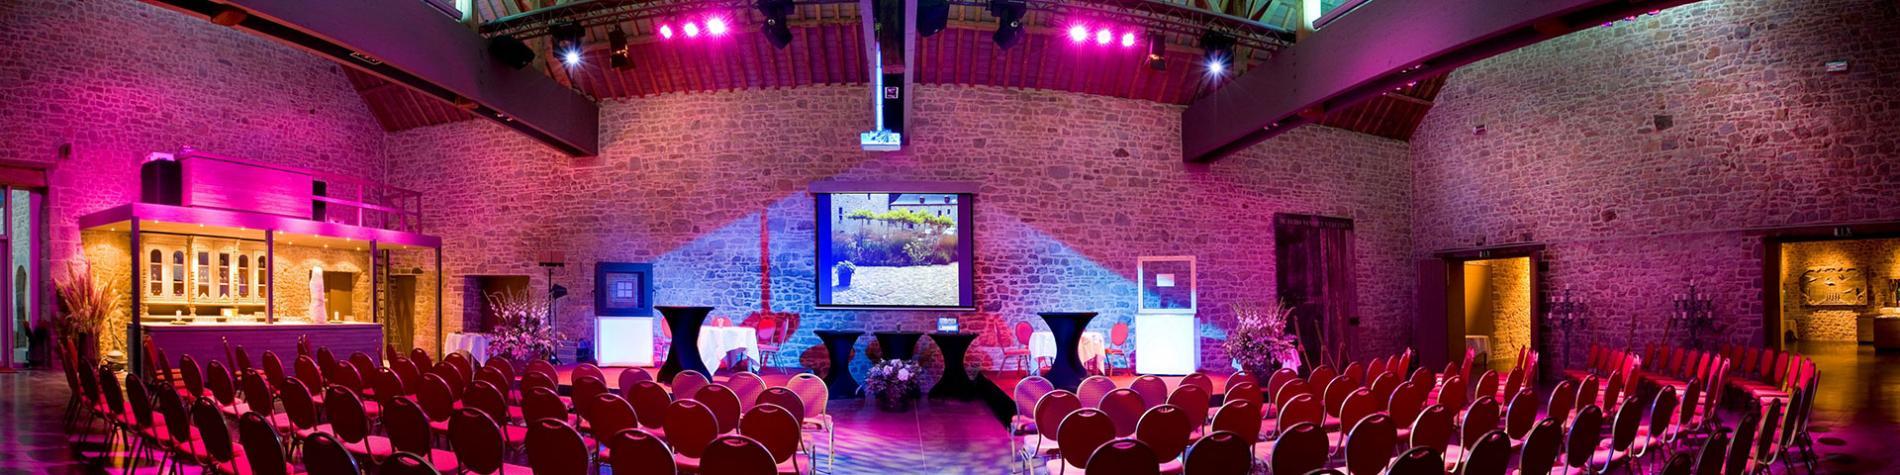 salle de séminaire en théâtre avec lumière d'ambiance et retroprojecteur. Parfait pour vos séminaires en Wallonie